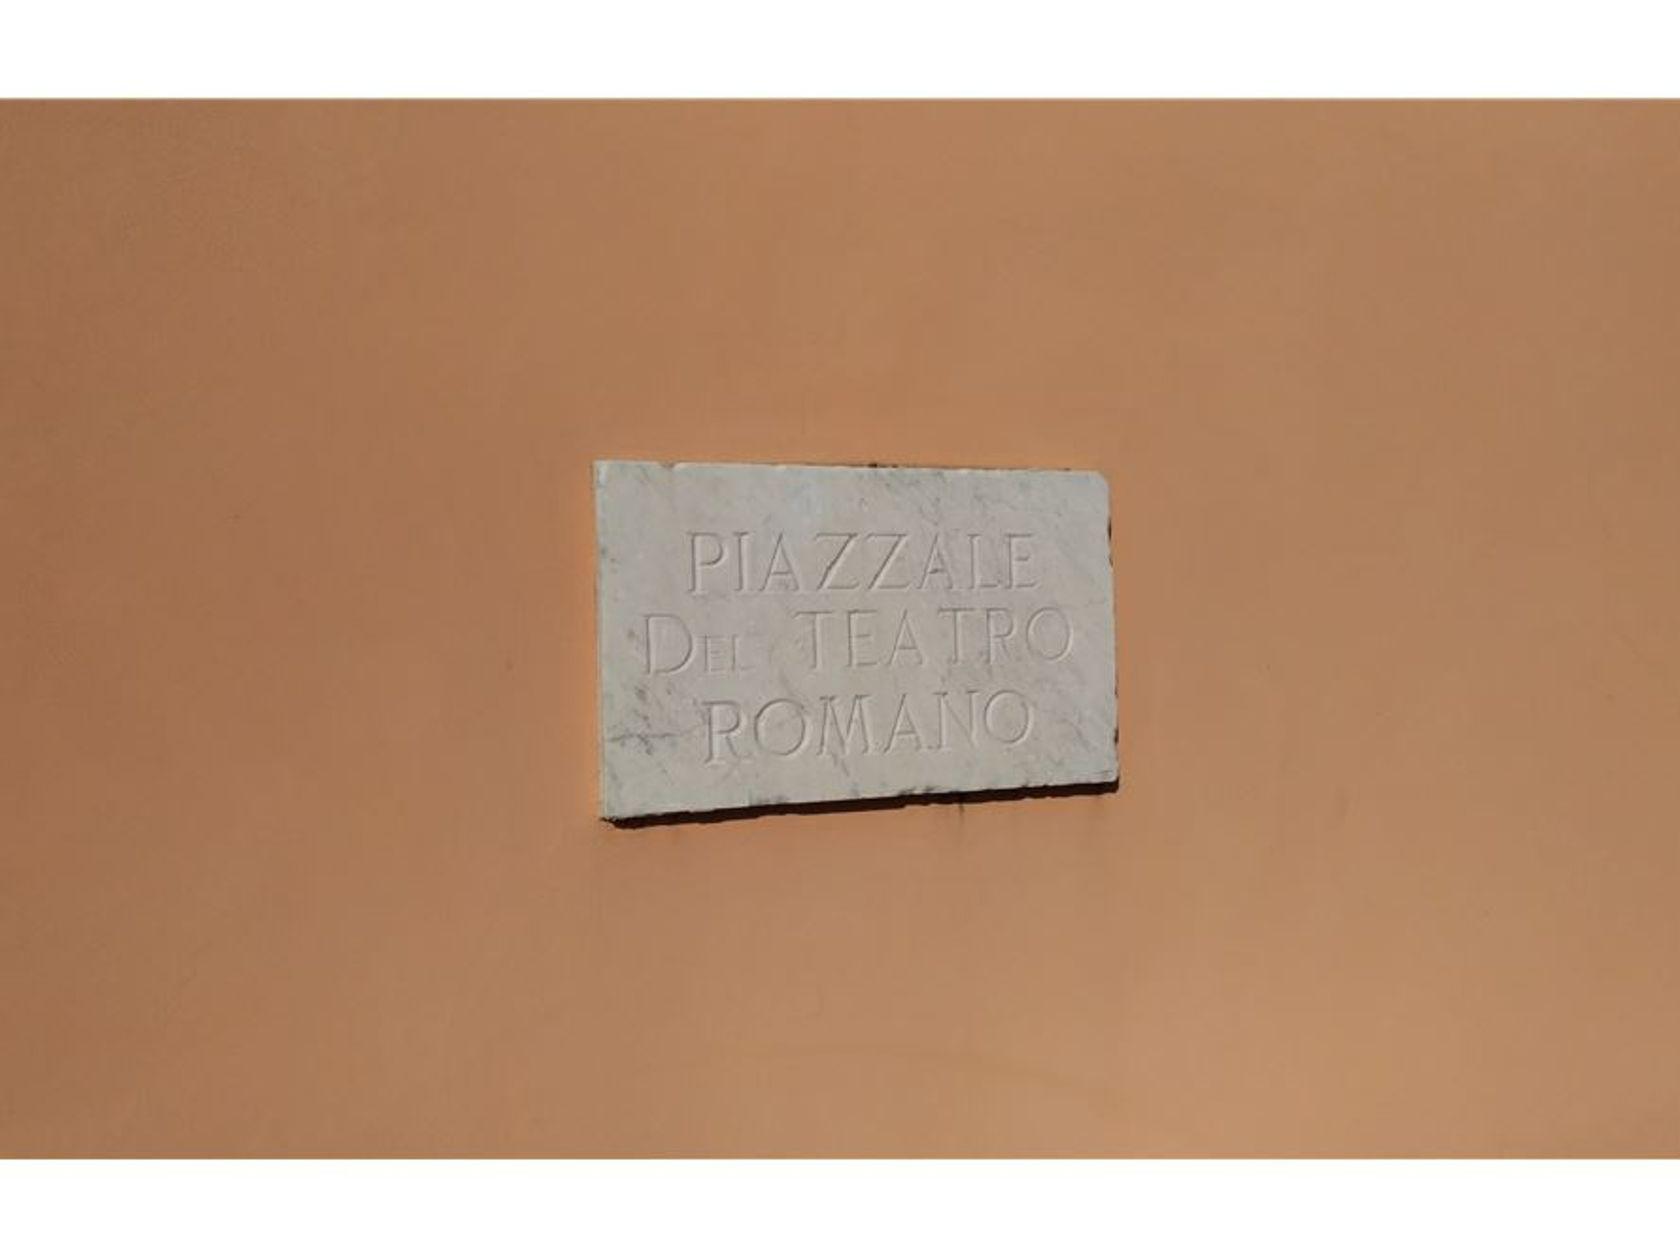 Attico/Mansarda Anzio-santa Teresa, Anzio, RM Vendita - Foto 6